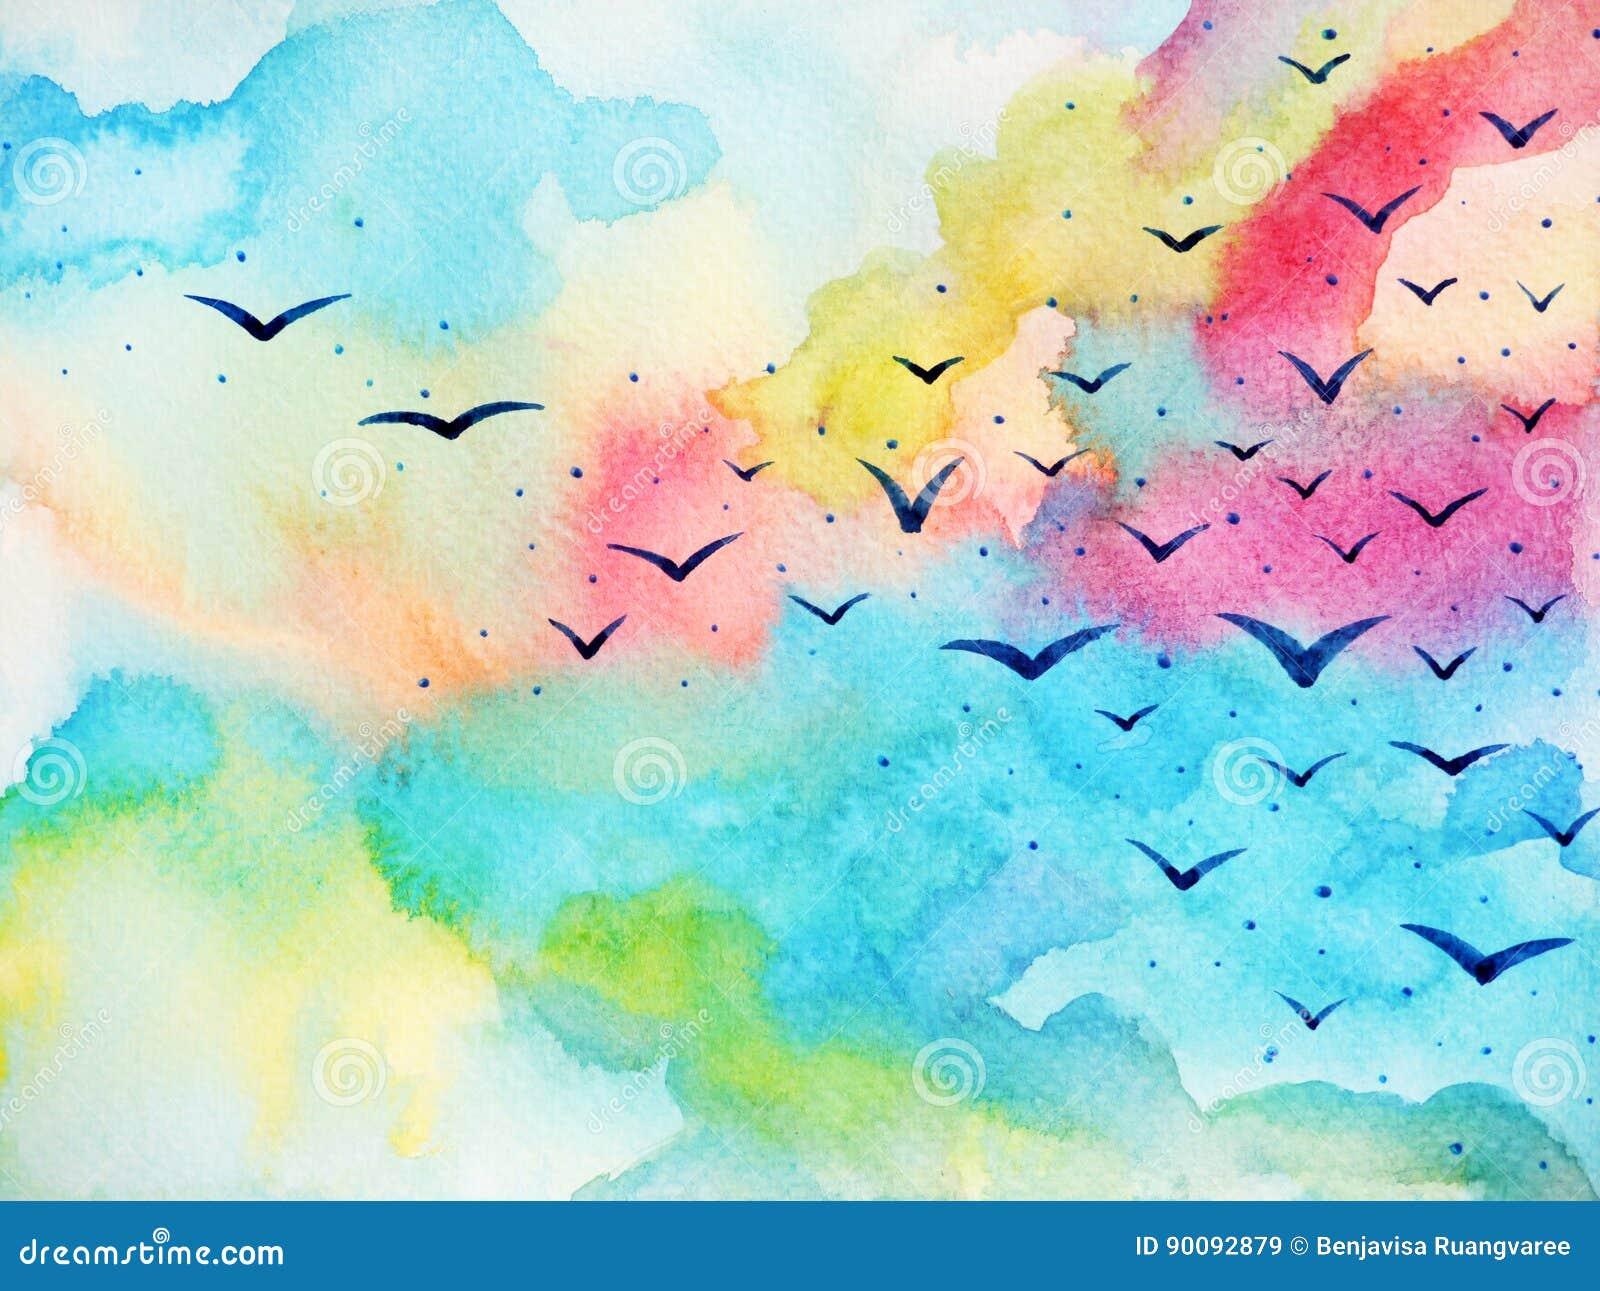 Freie Vögel, die auf neue Himmelaquarell-Malereiillustration fliegen